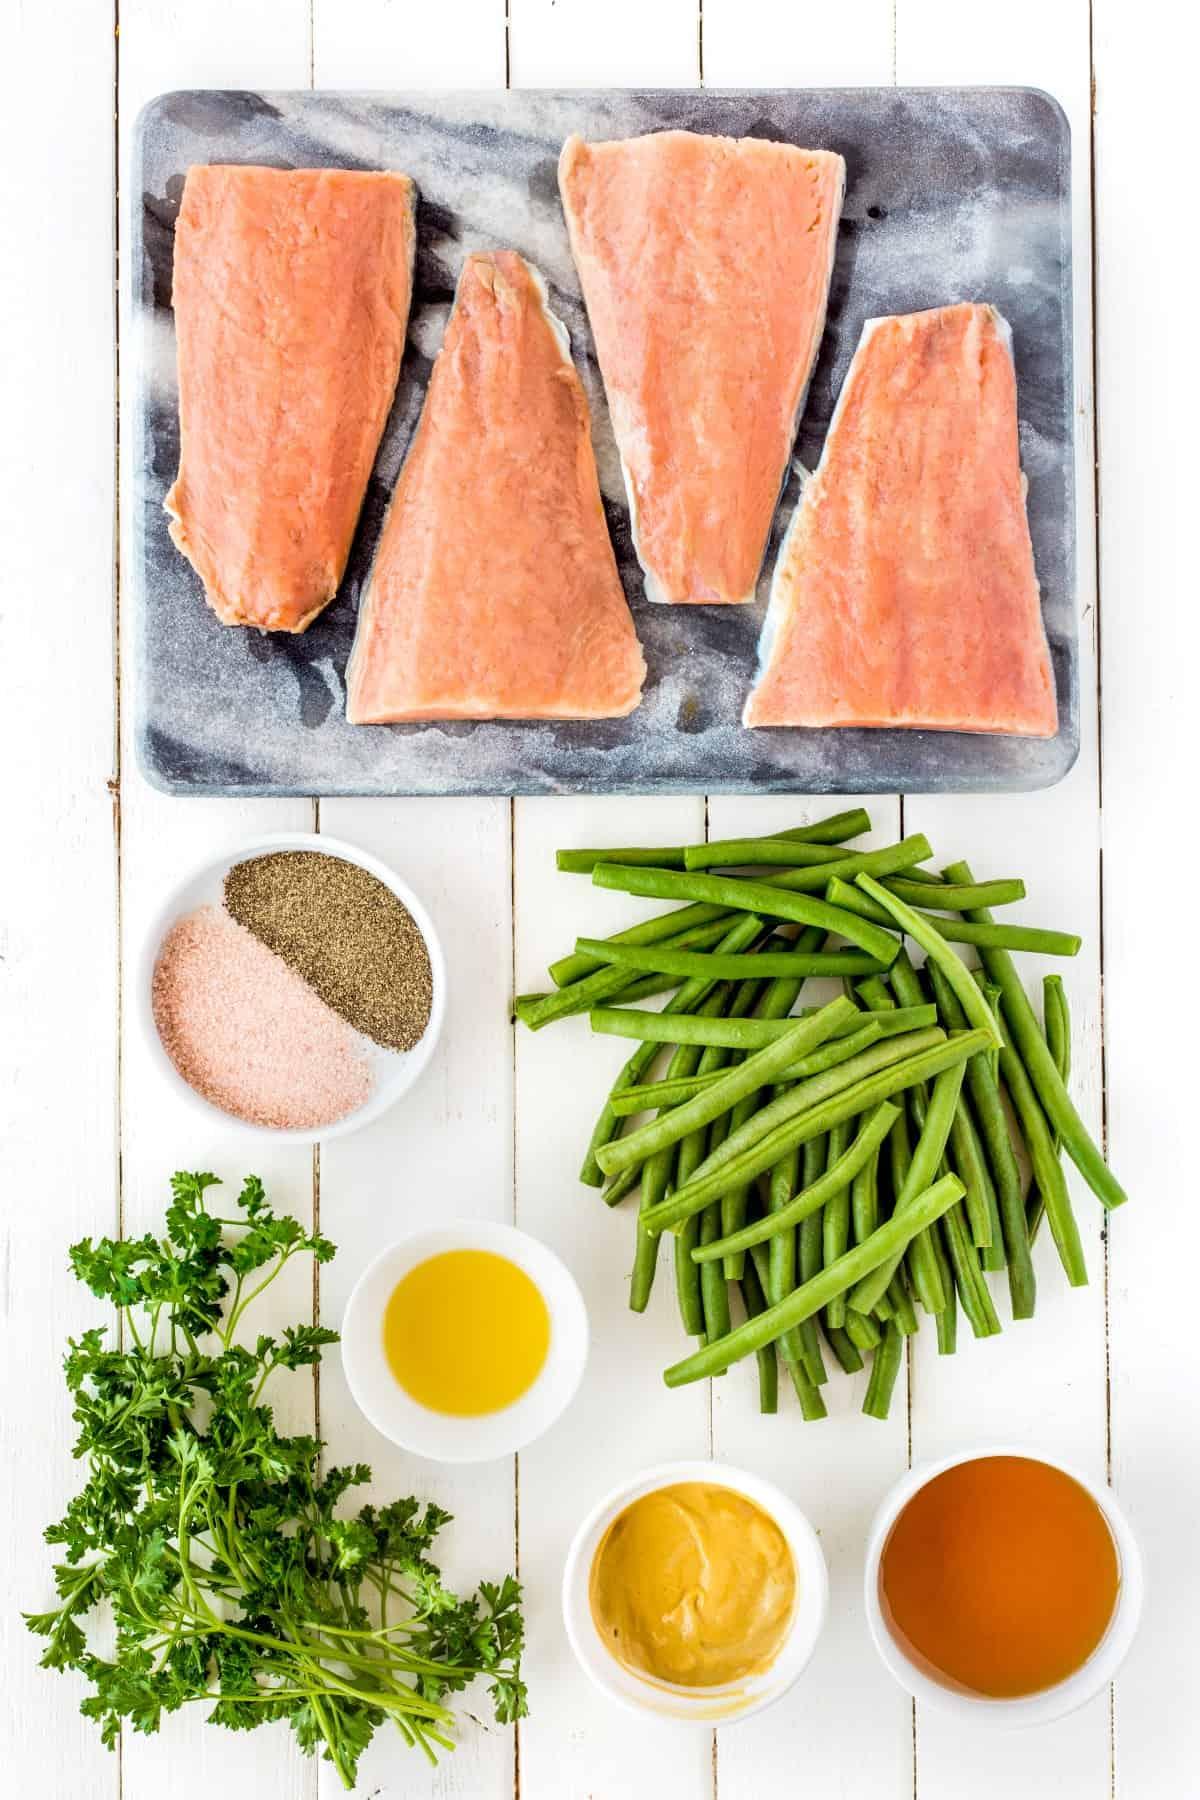 Ingredients for Maple Dijon Sheet Pan Salmon Dinner